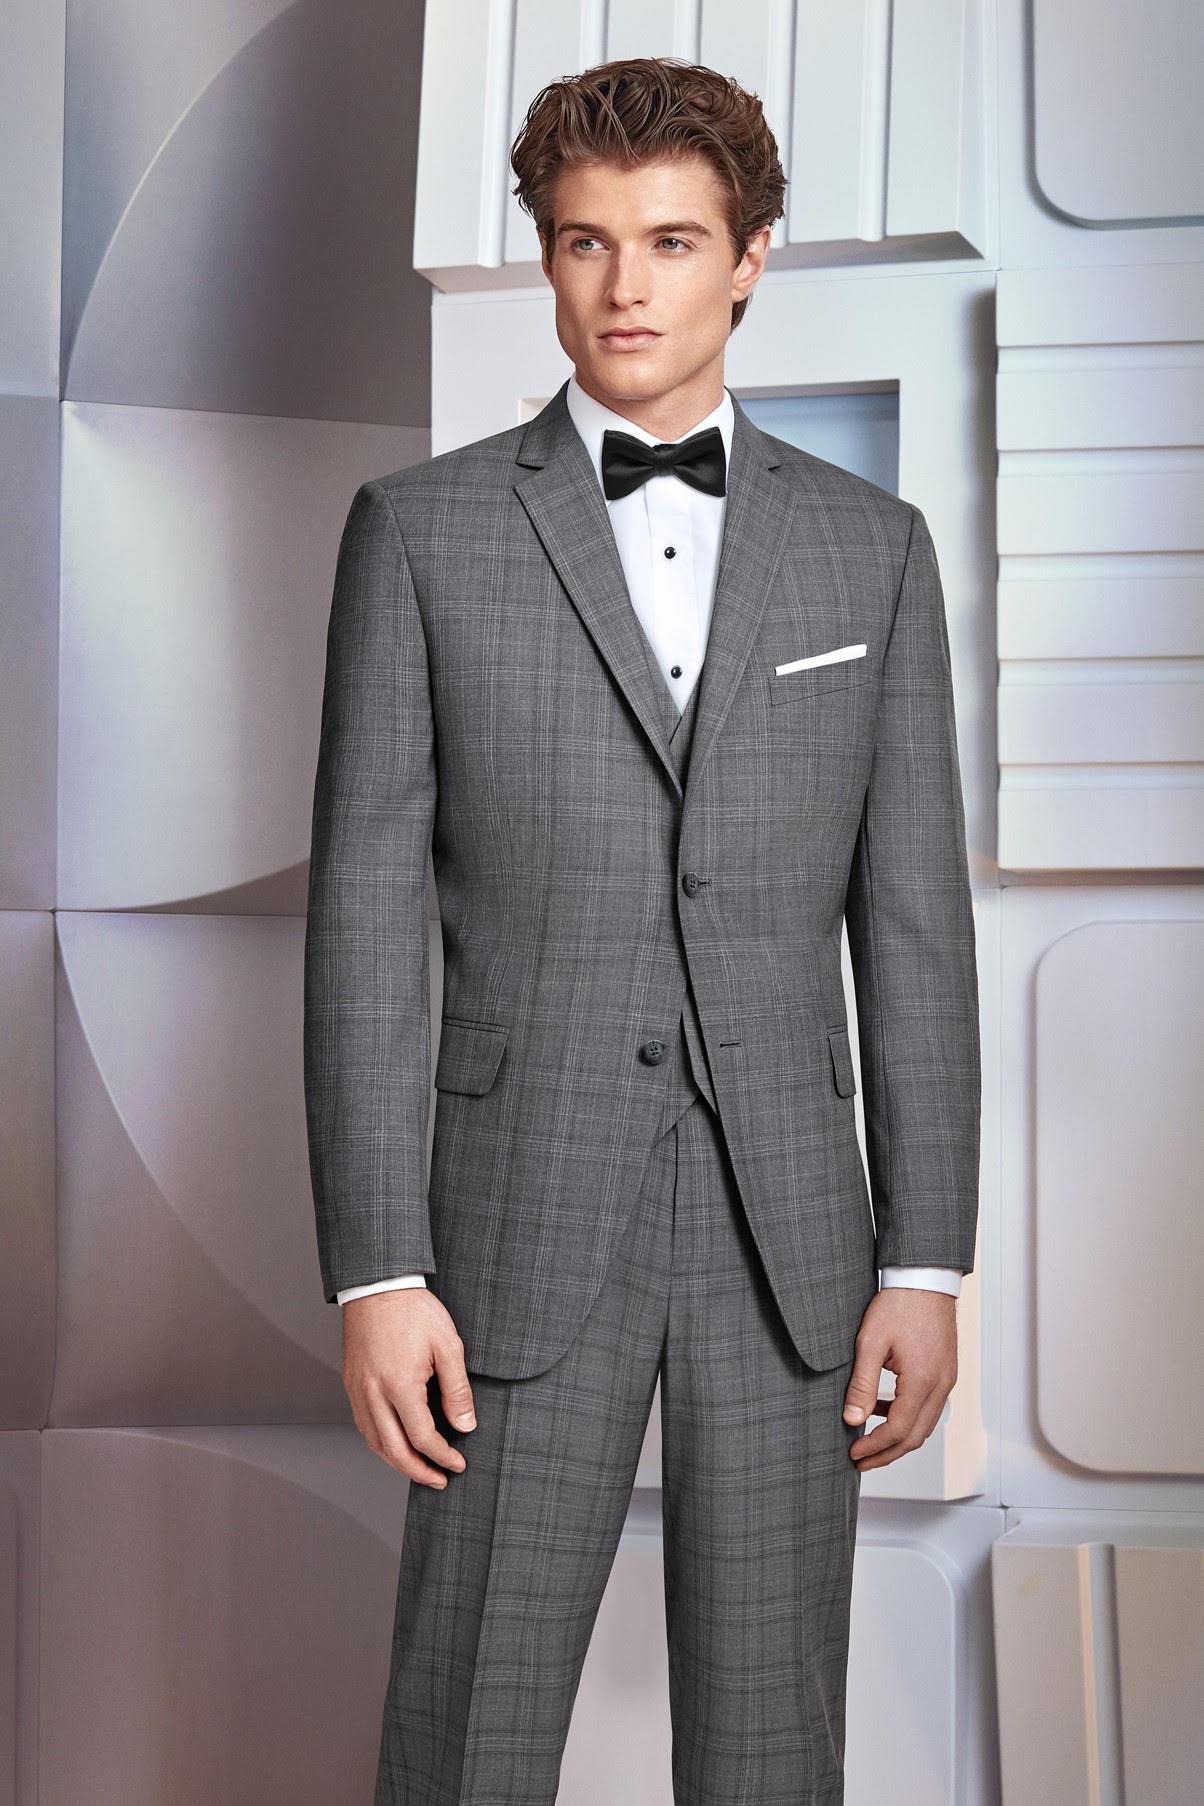 Tuxedo Rental Brownsburg IN - Tux For Rent